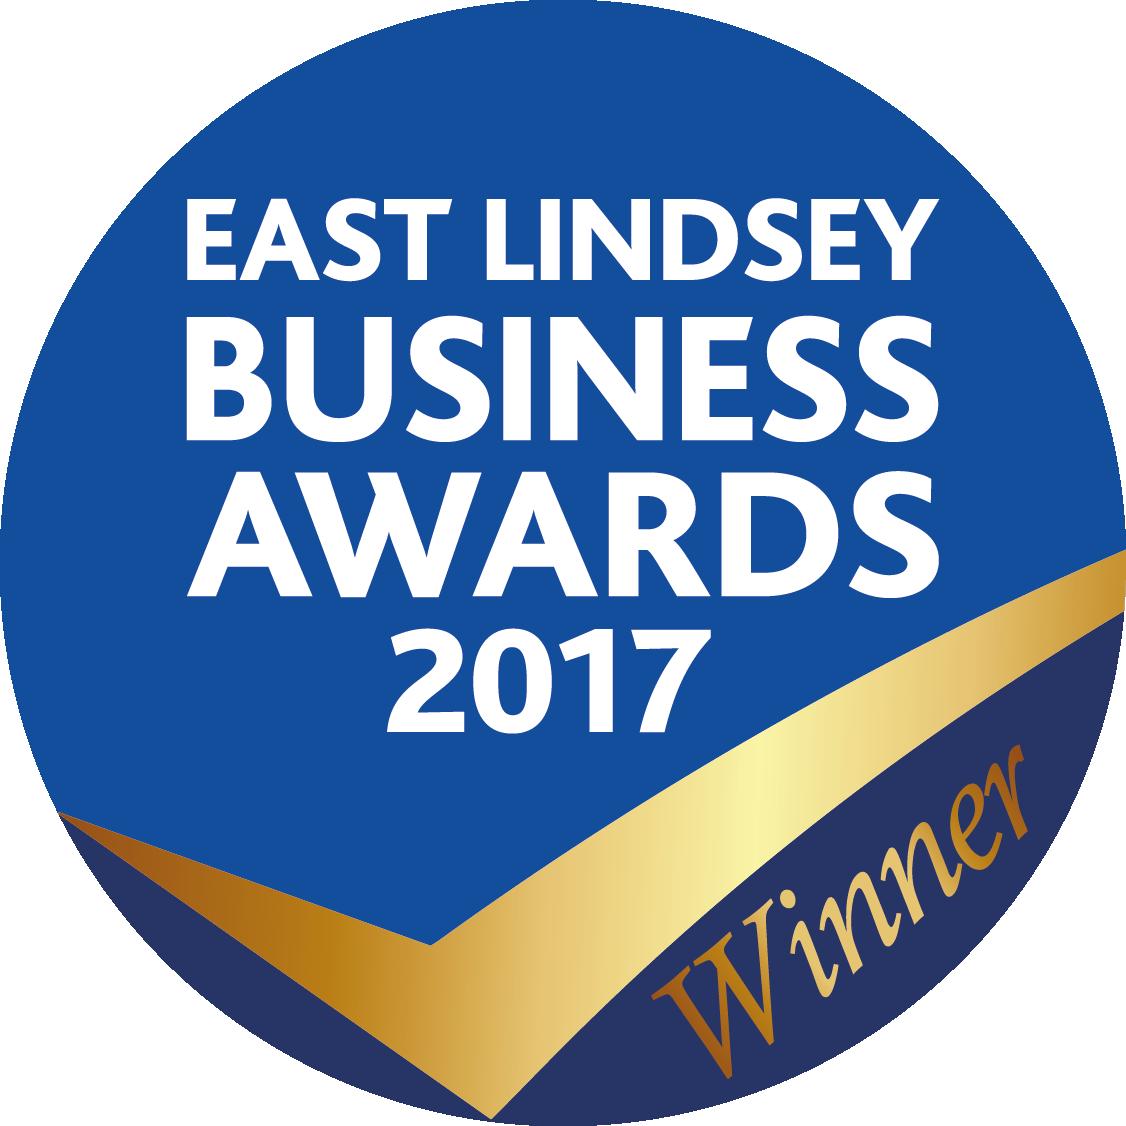 East Lindsey Business Awards - 2017